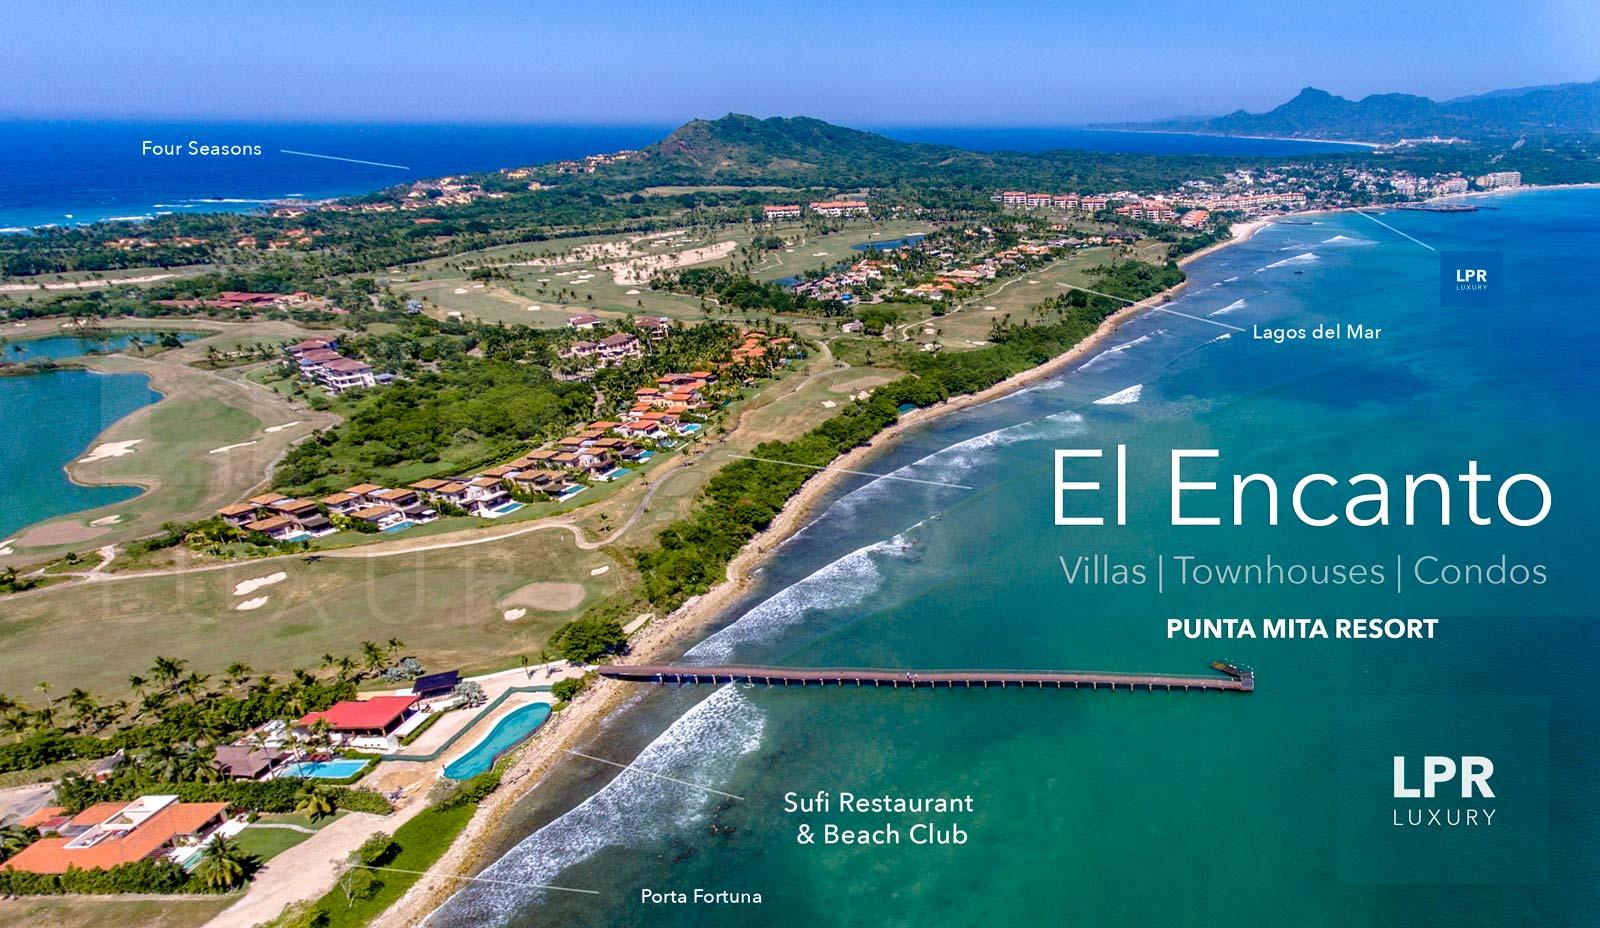 El Encanto Luxury Real Estate At The Punta Mita Resort Riviera Nayarit Mexico